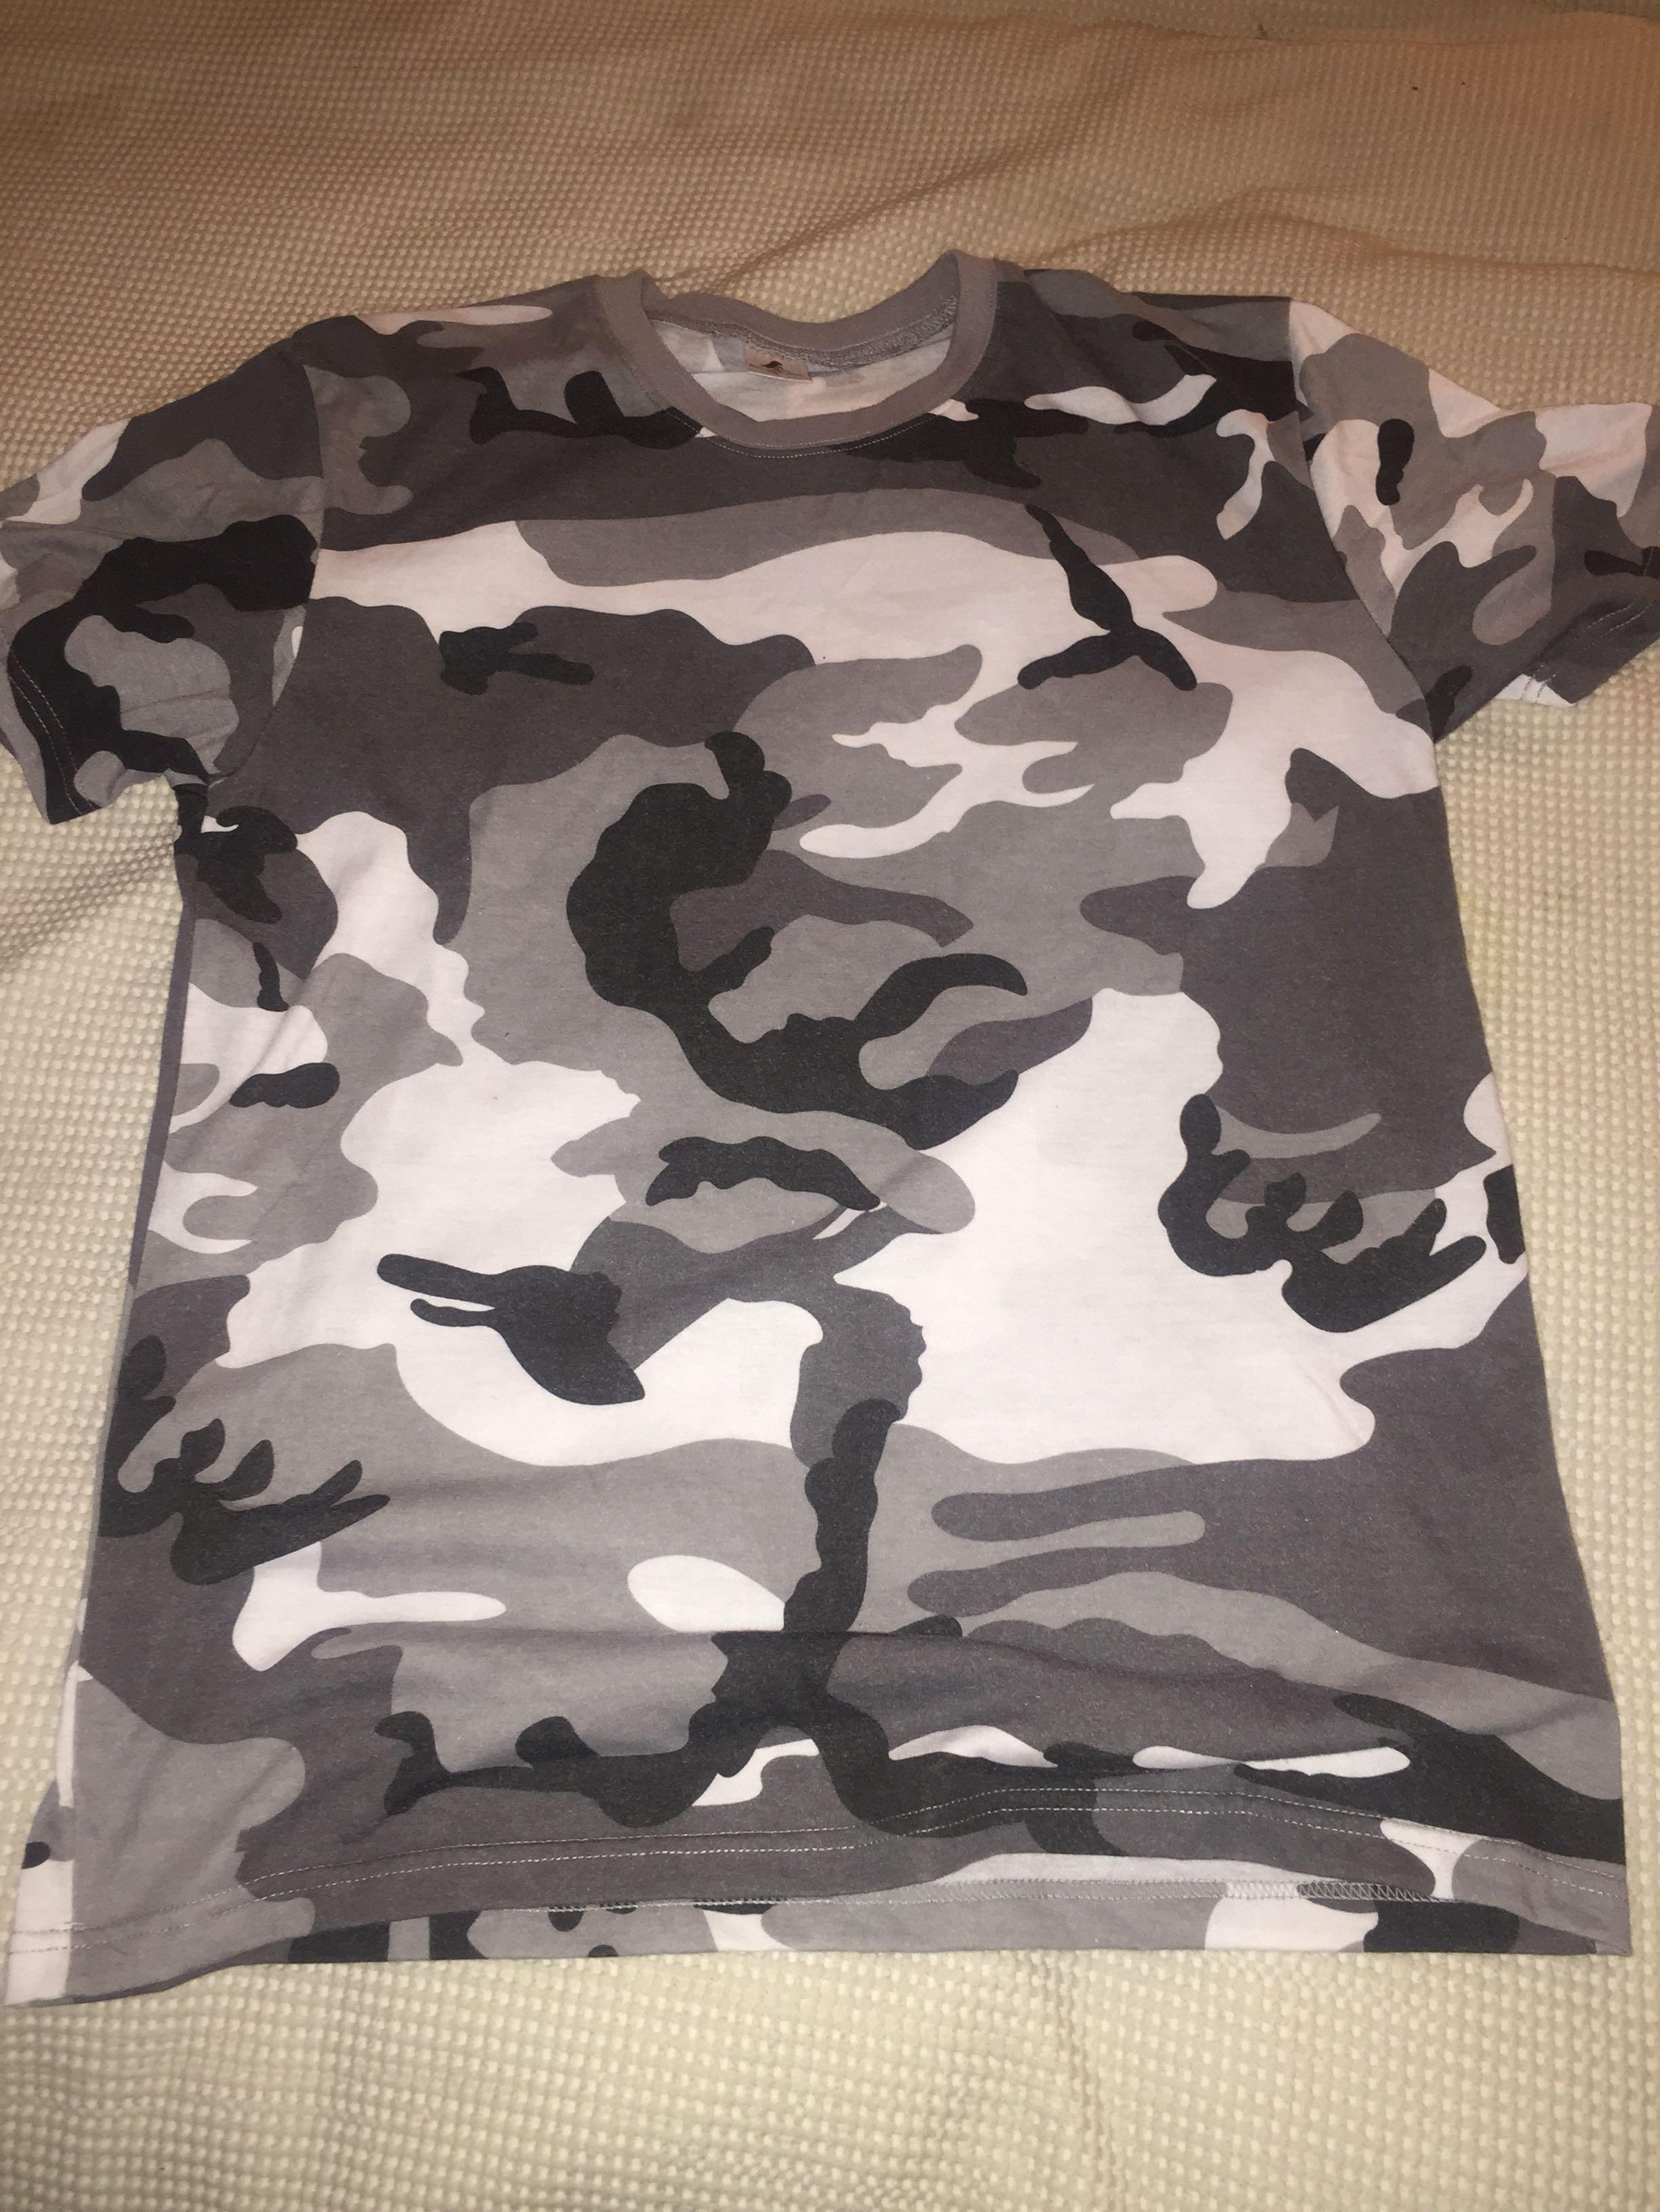 Camo tshirt